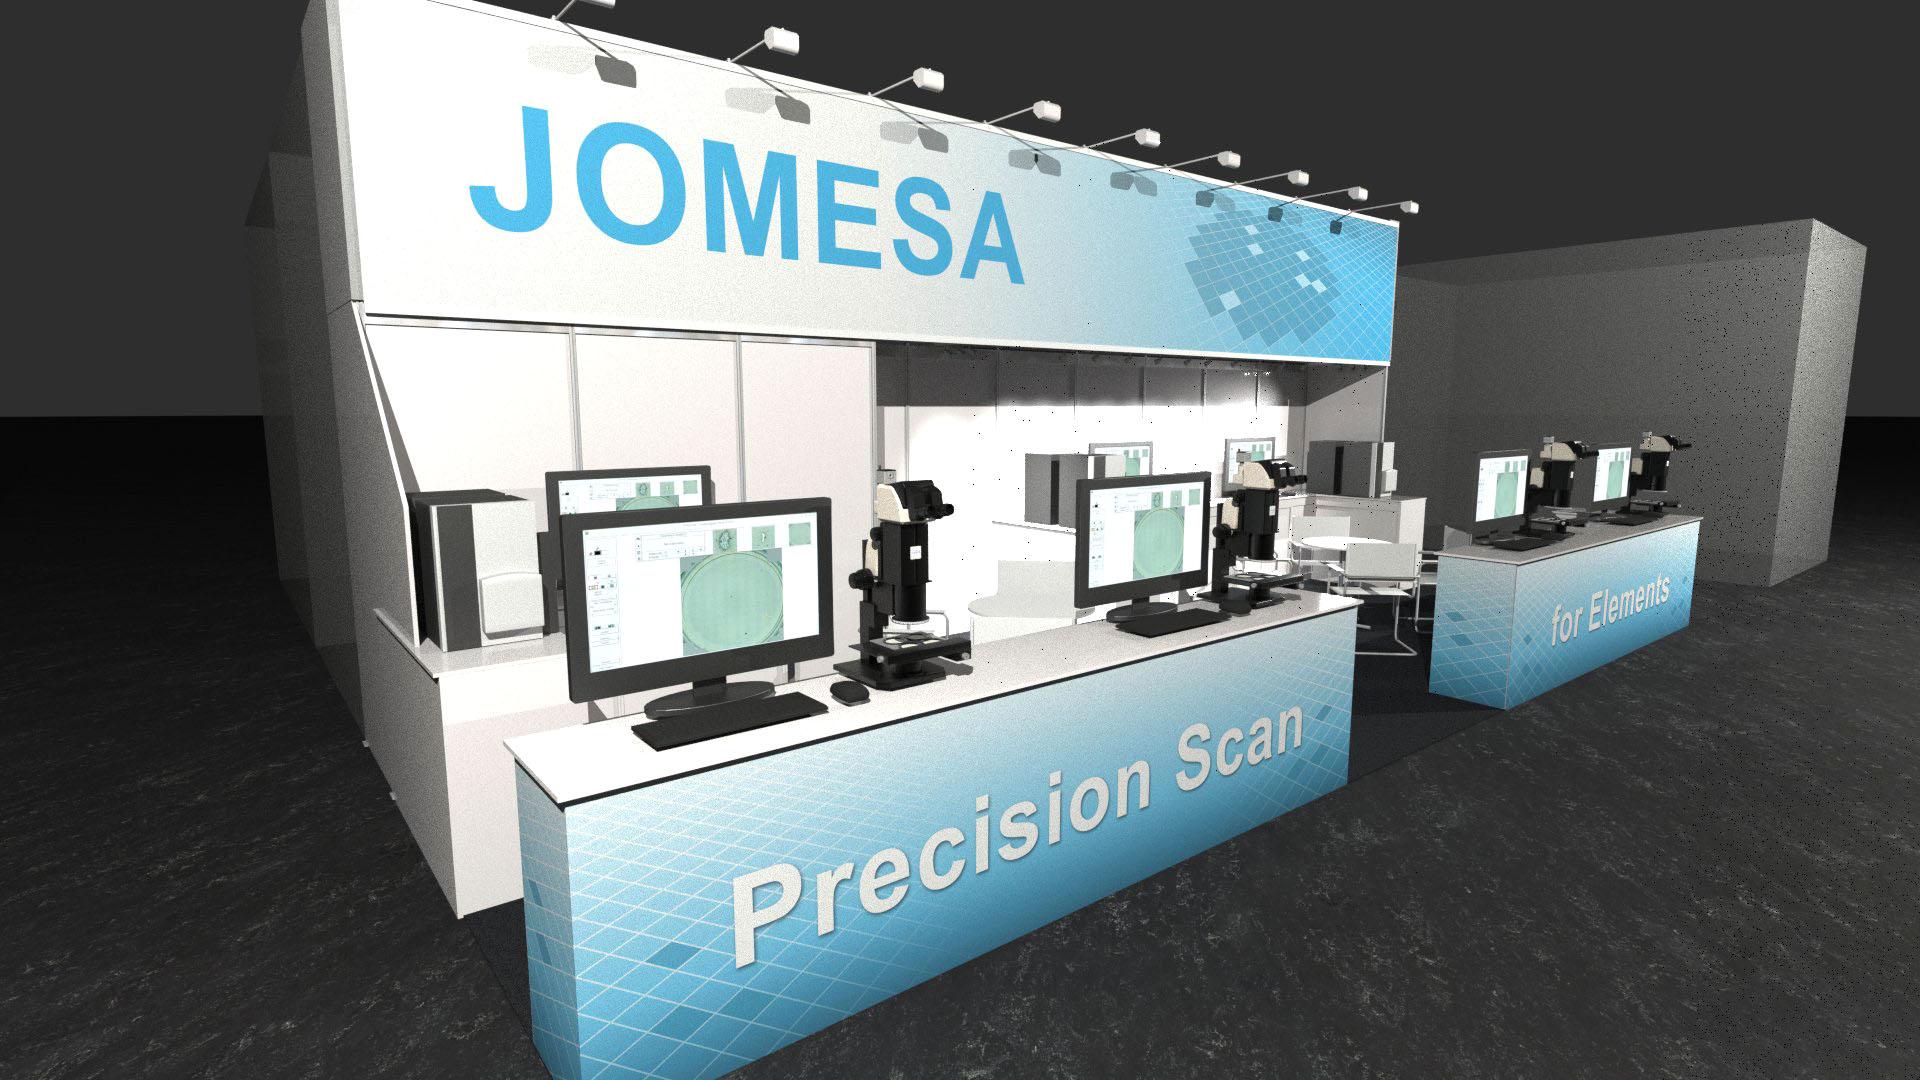 JOMESA Messestand PTC 2019 - 3D-Ansicht 2